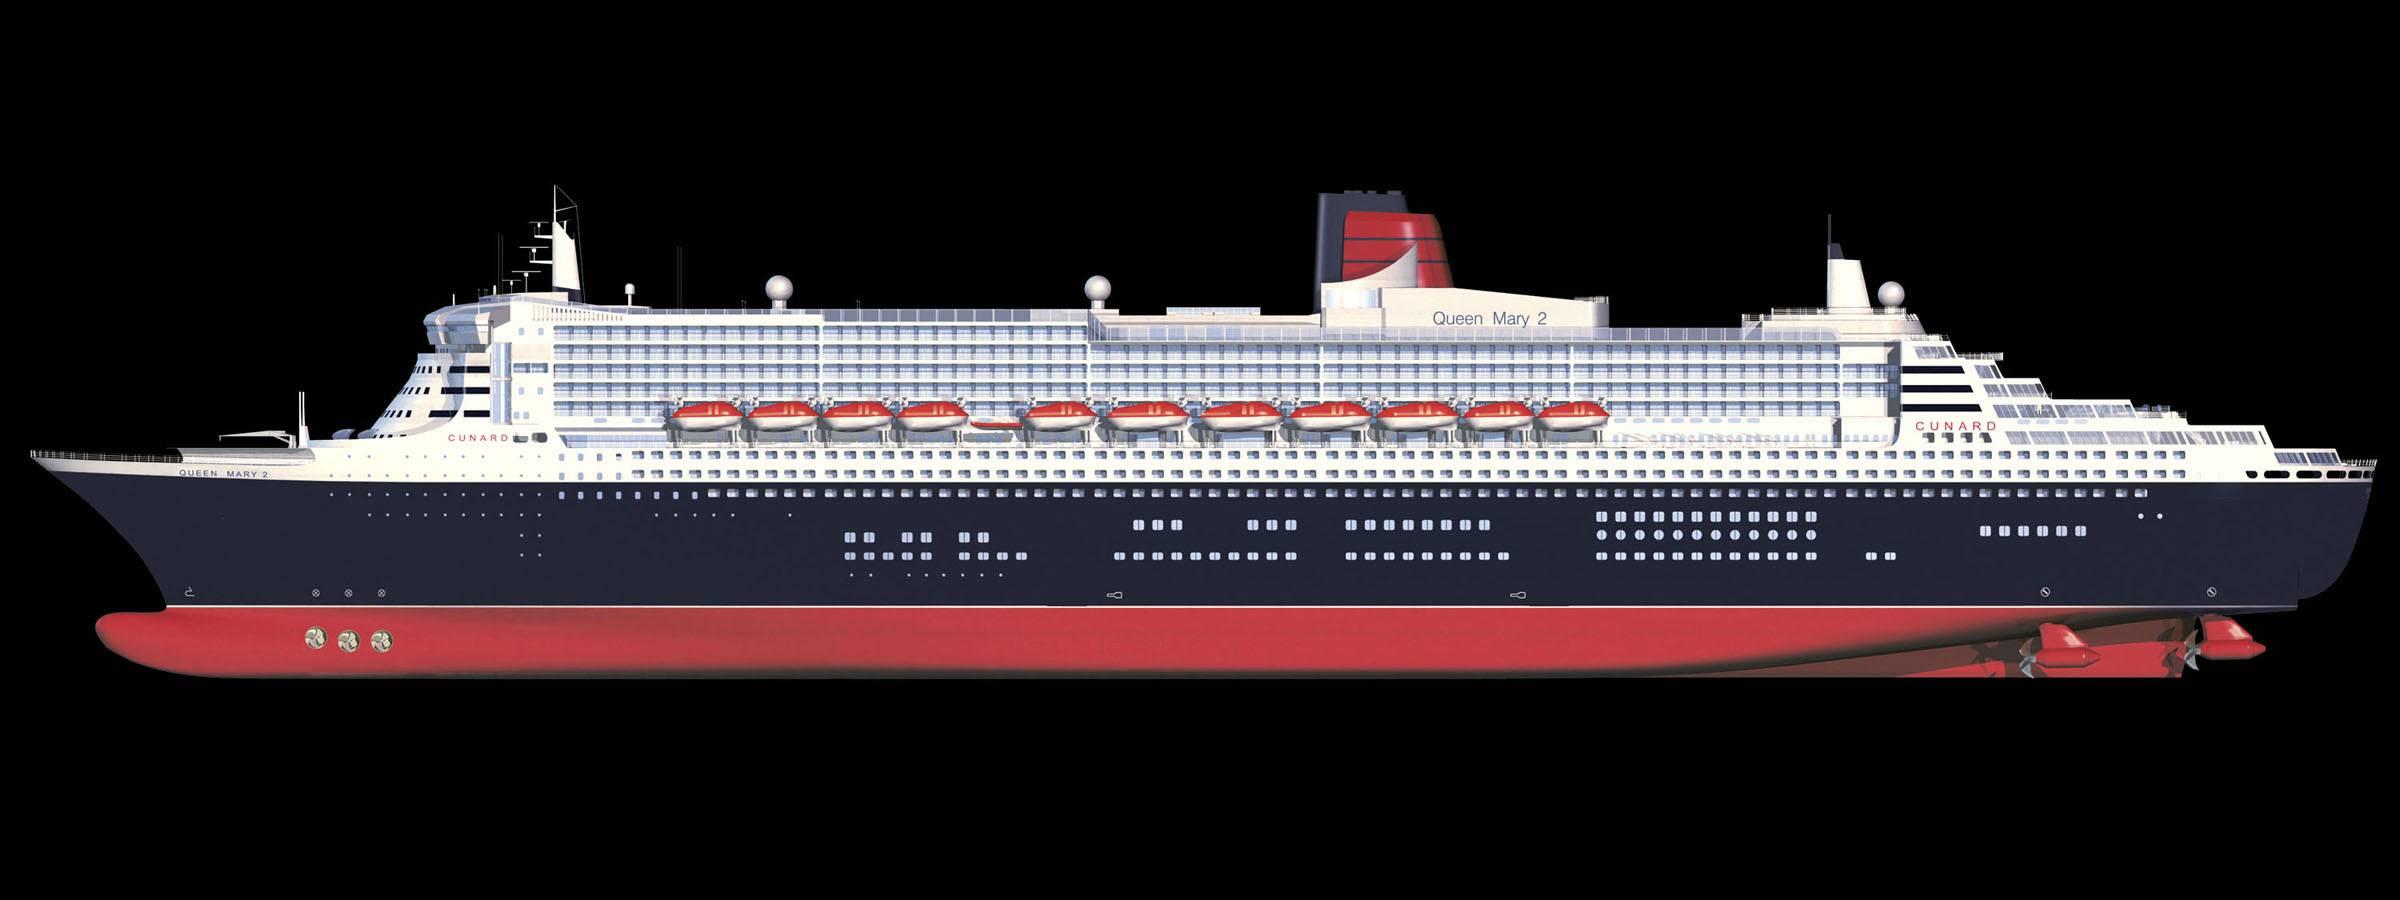 Cunard QM2 Cruises 8444427847 Cruise Cunard QM2 Caribbean Mexican Rivier